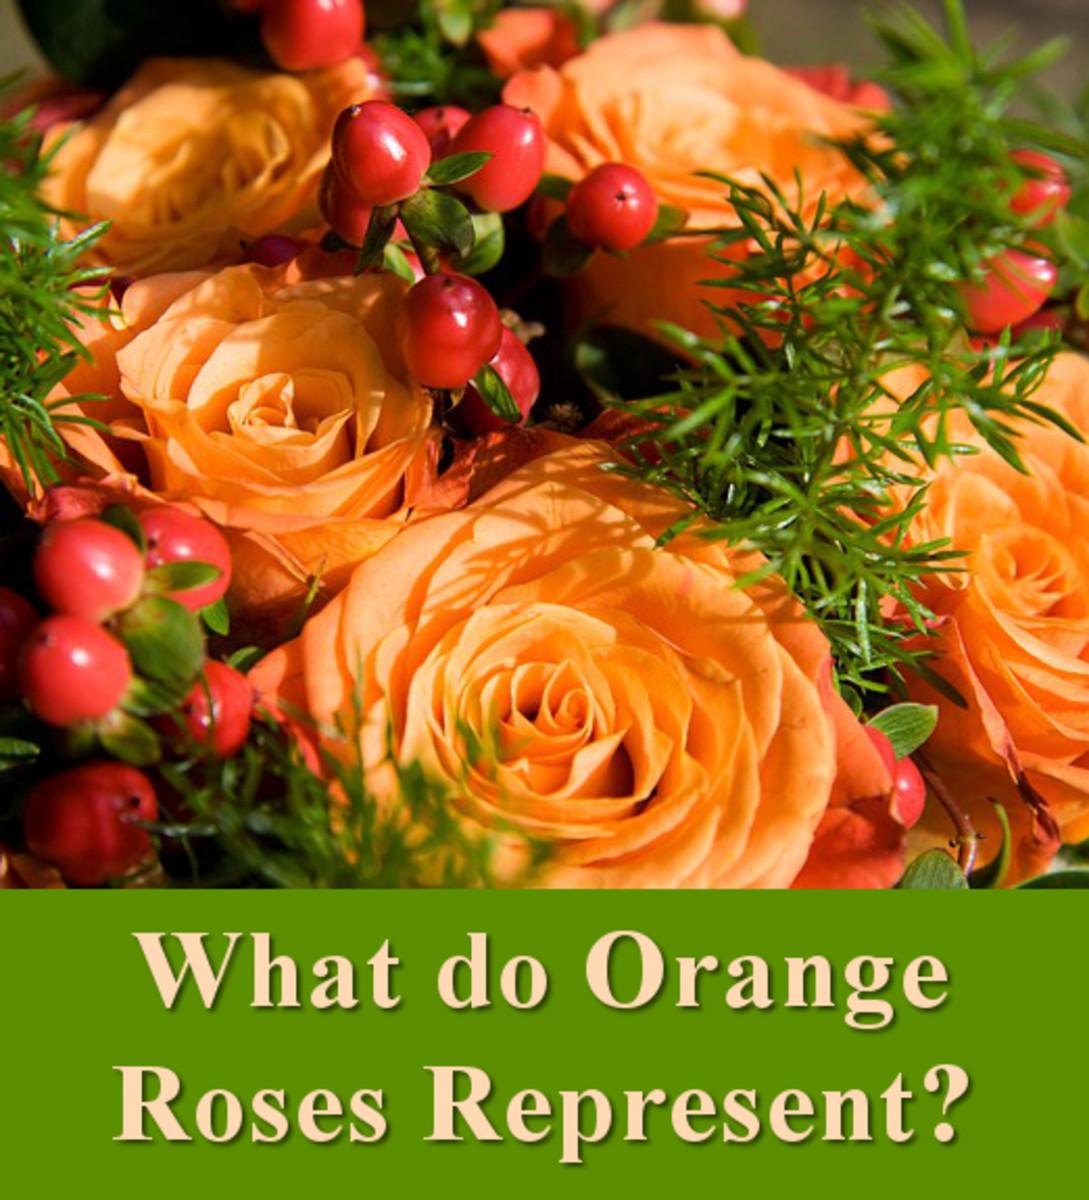 What do orange roses represent?